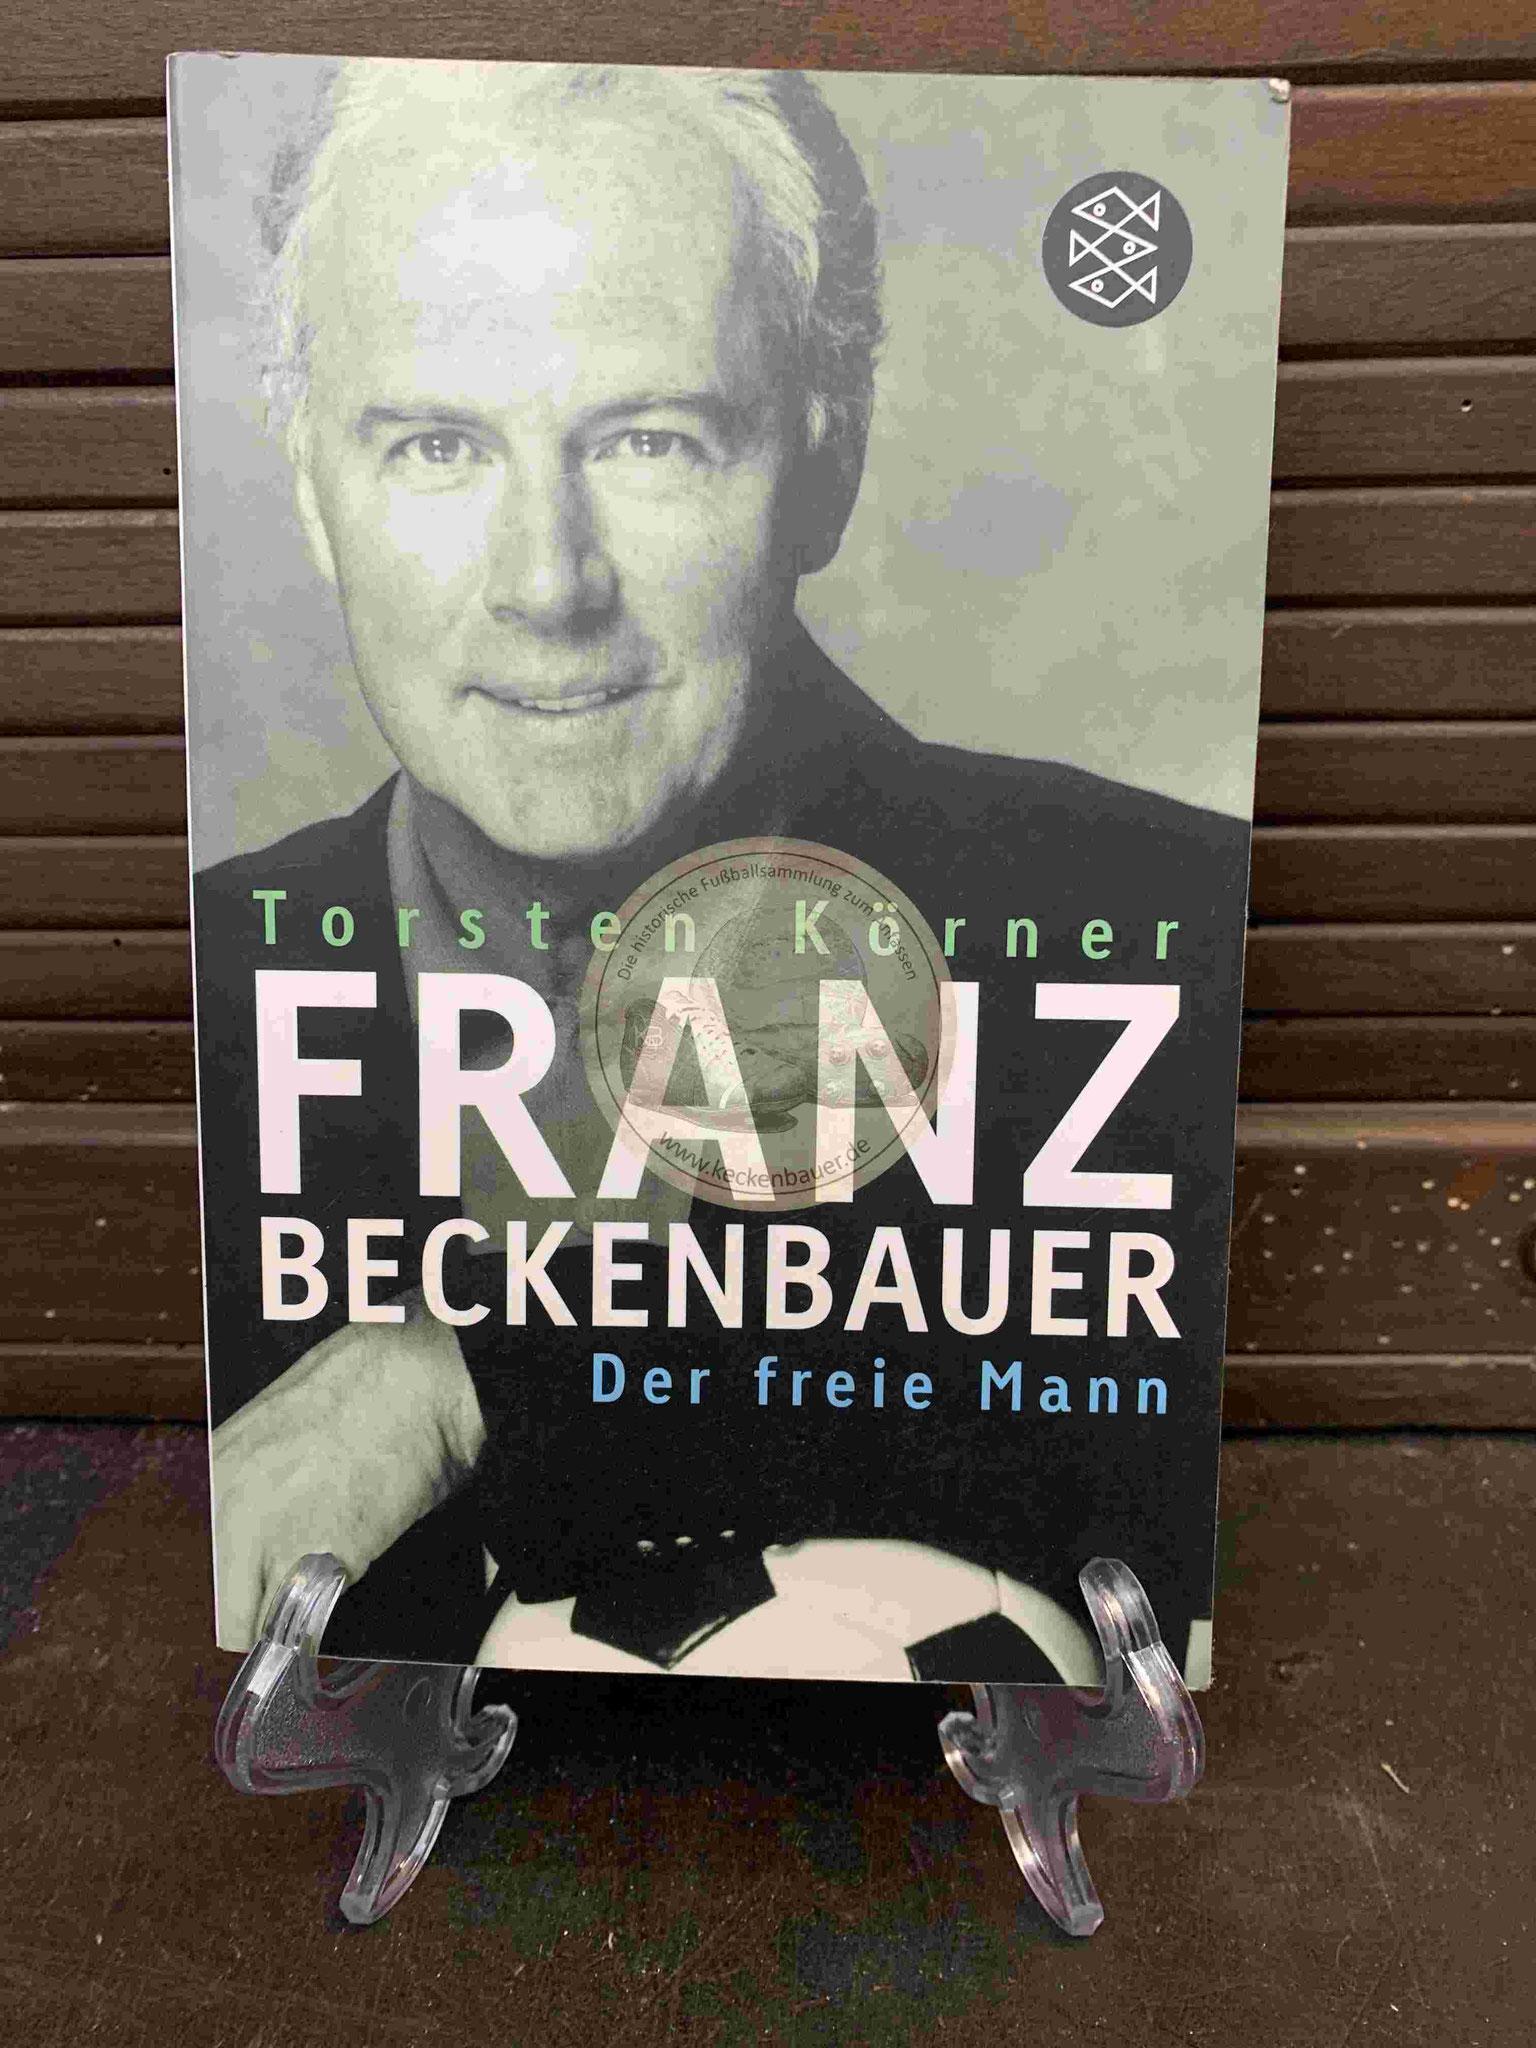 Torsten Körner Franz Beckenbauer Der freie Mann aus dem Jahr 2006